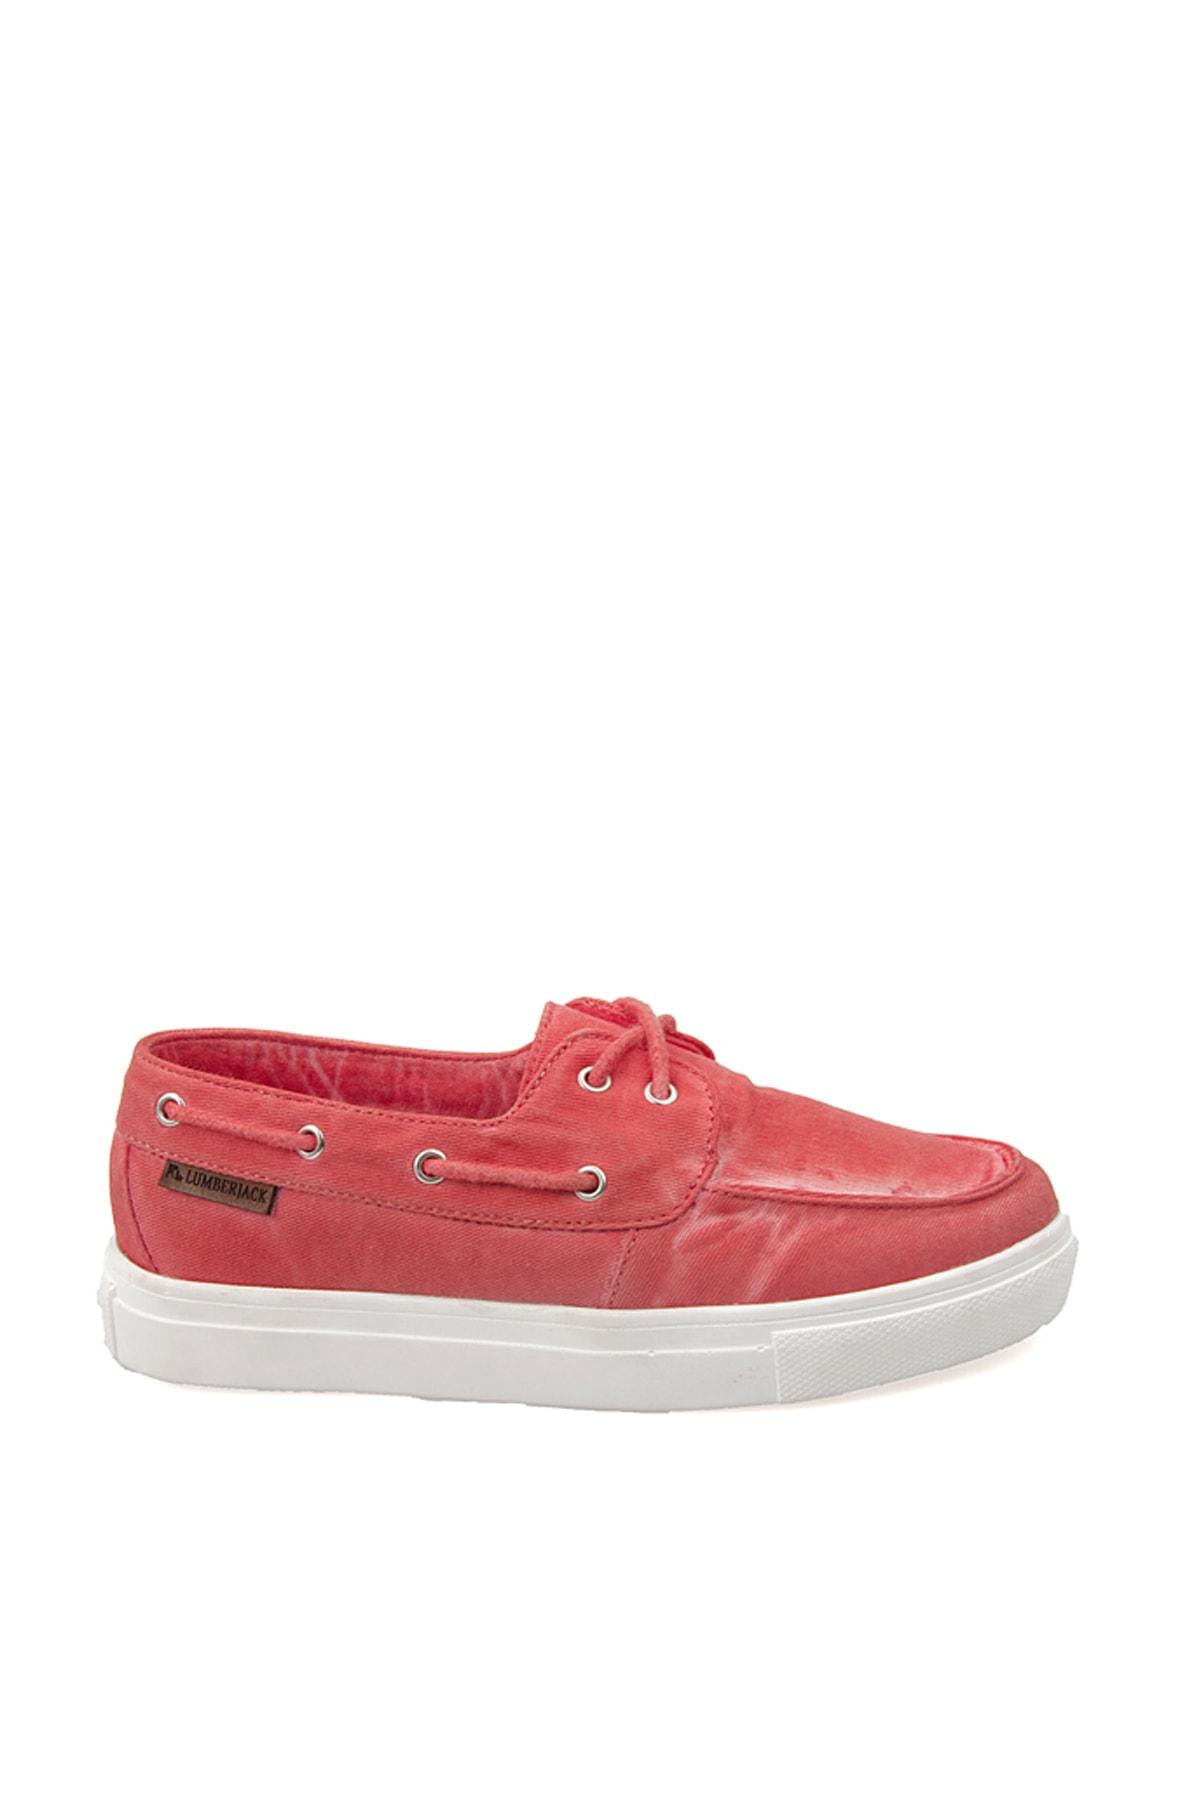 lumberjack CAMILA Kırmızı Kadın Sneaker 100235954 1